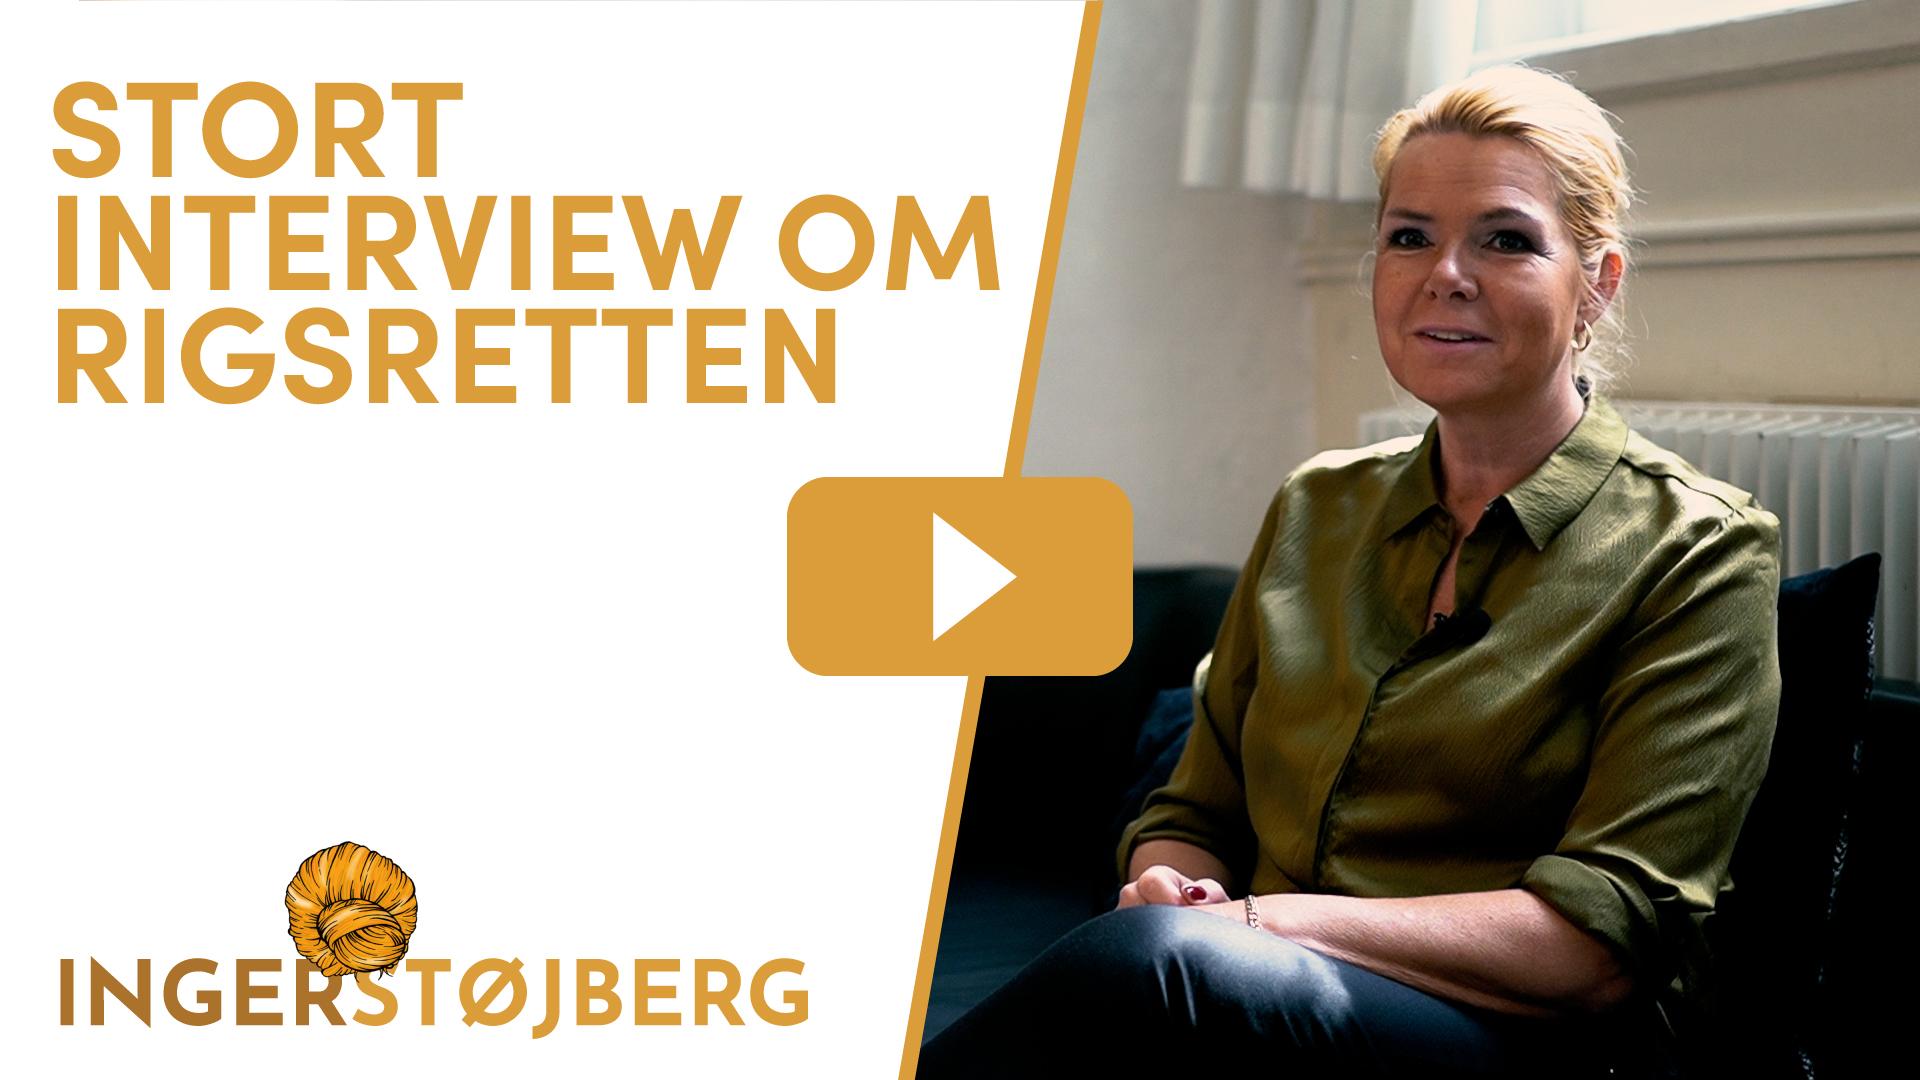 Stort interview om Rigsretten